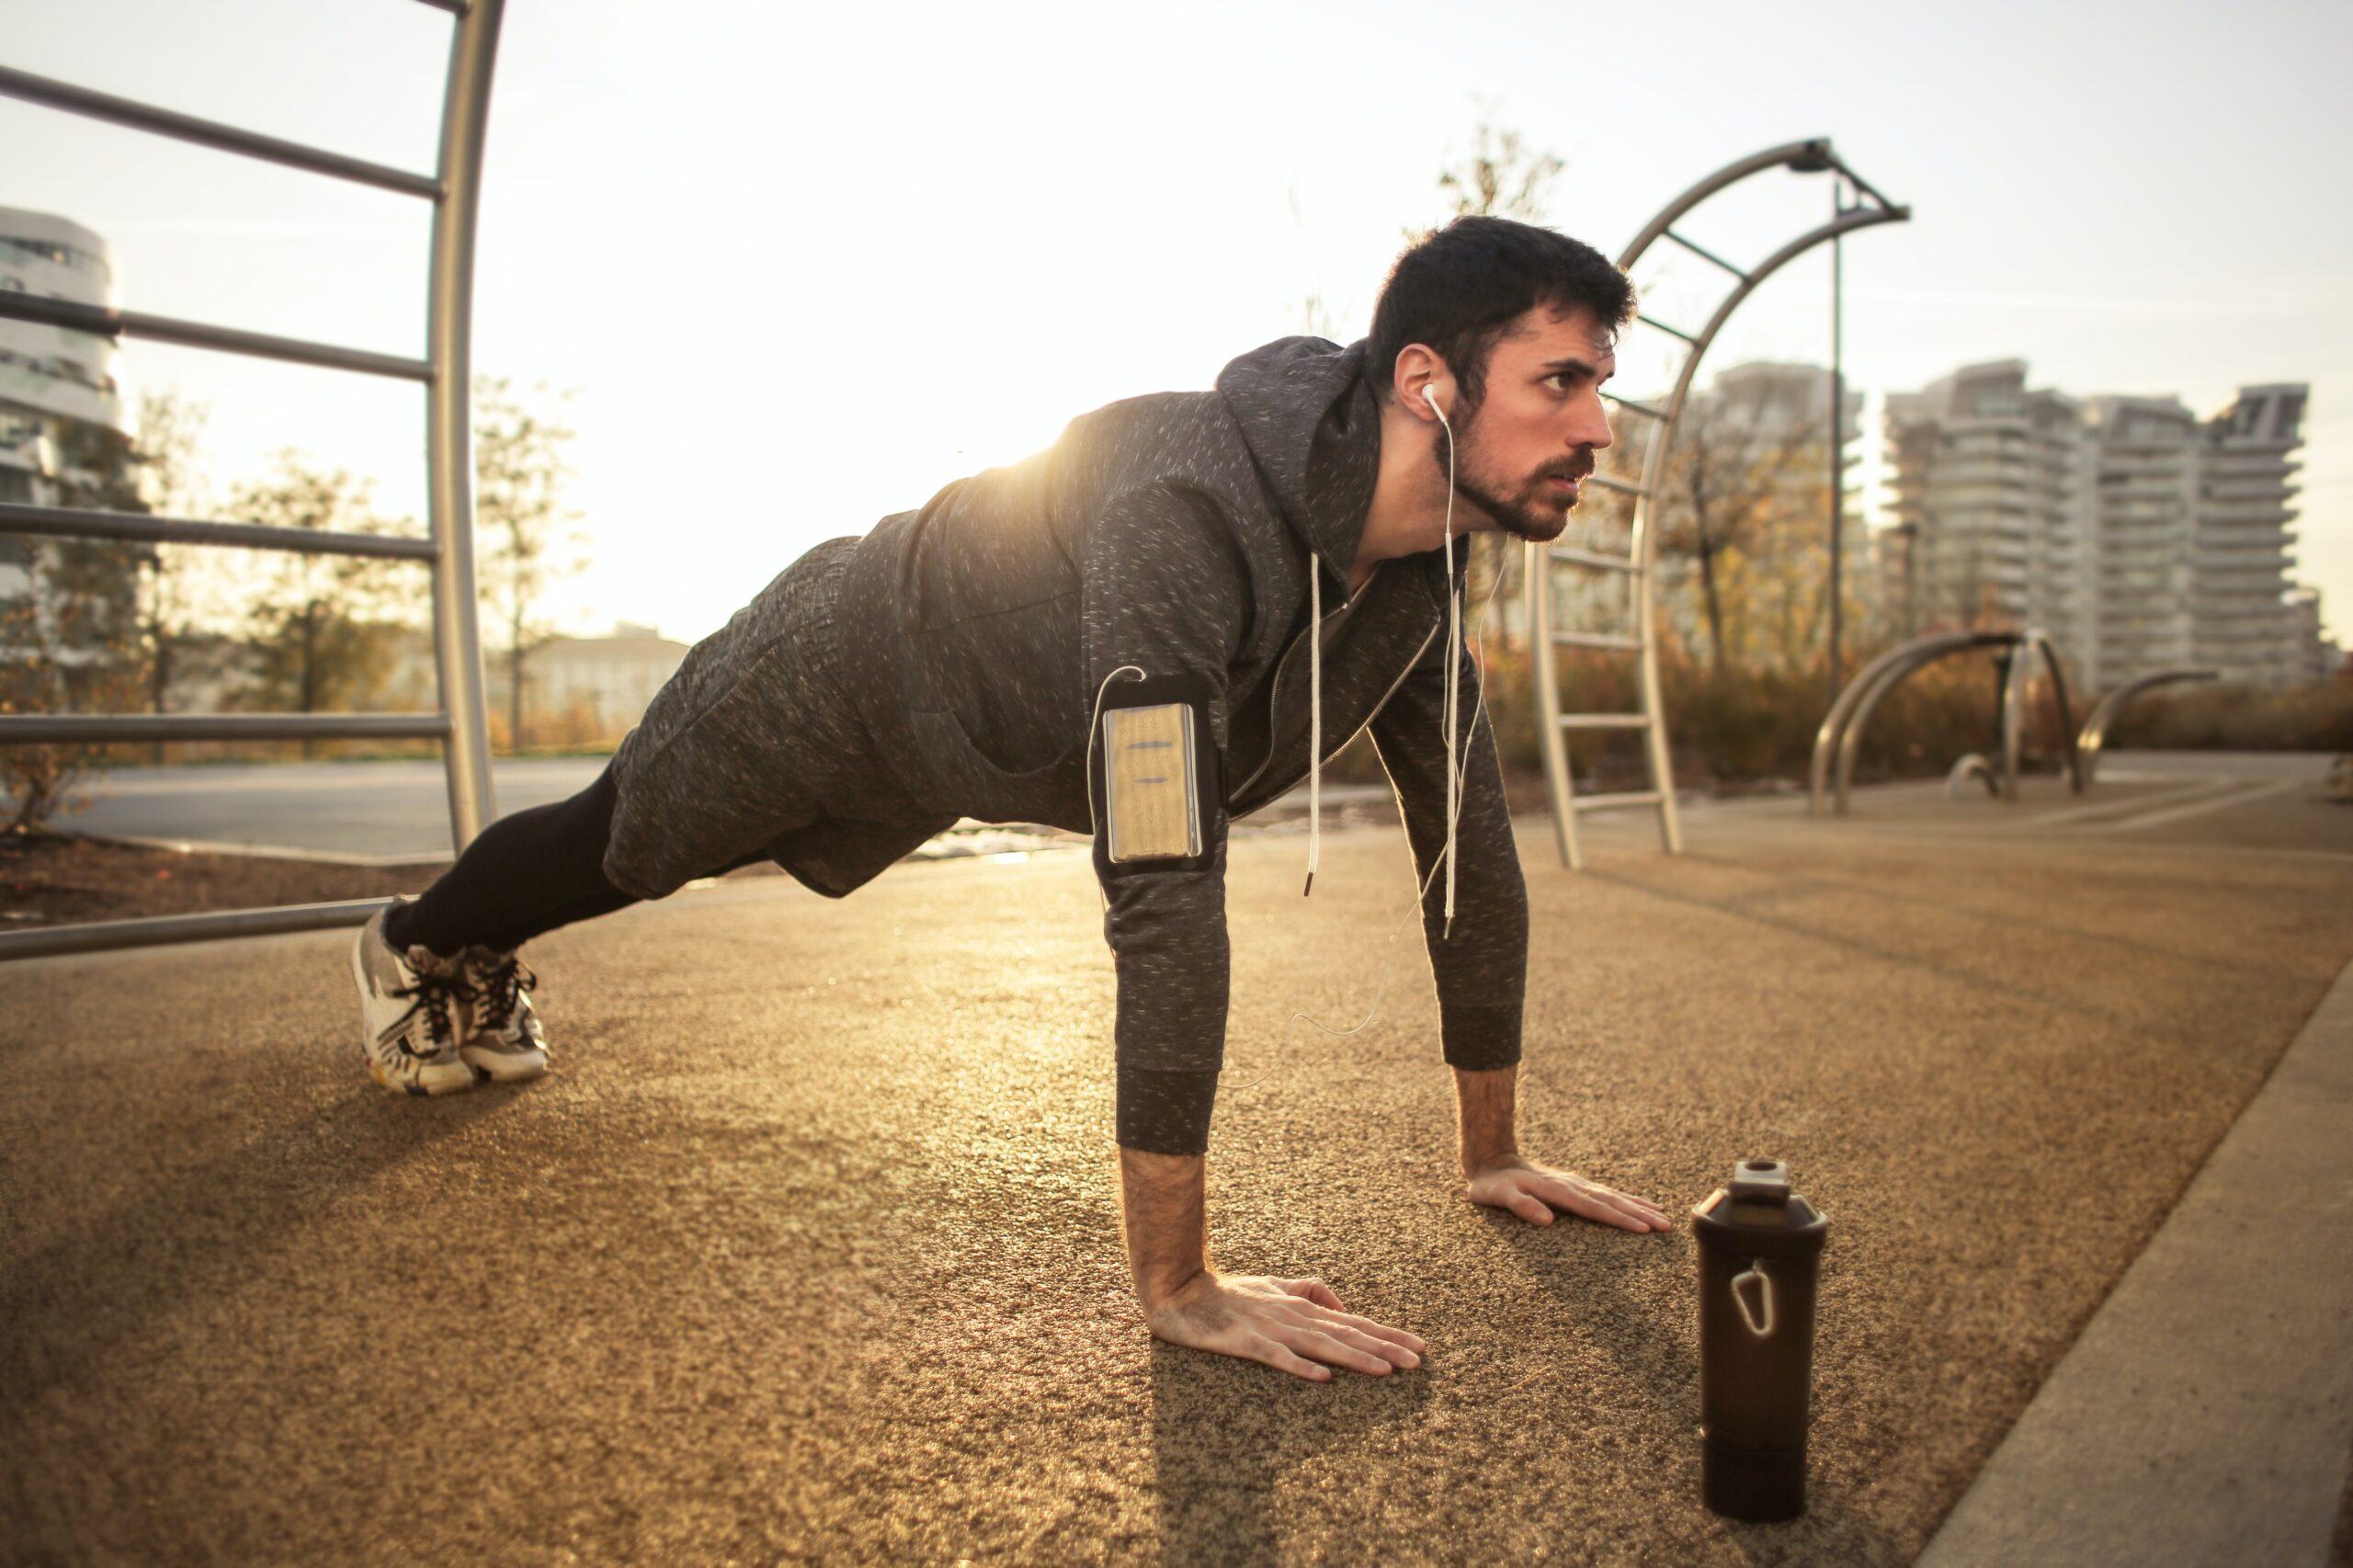 street workout park, férfi fekvőtámaszozik